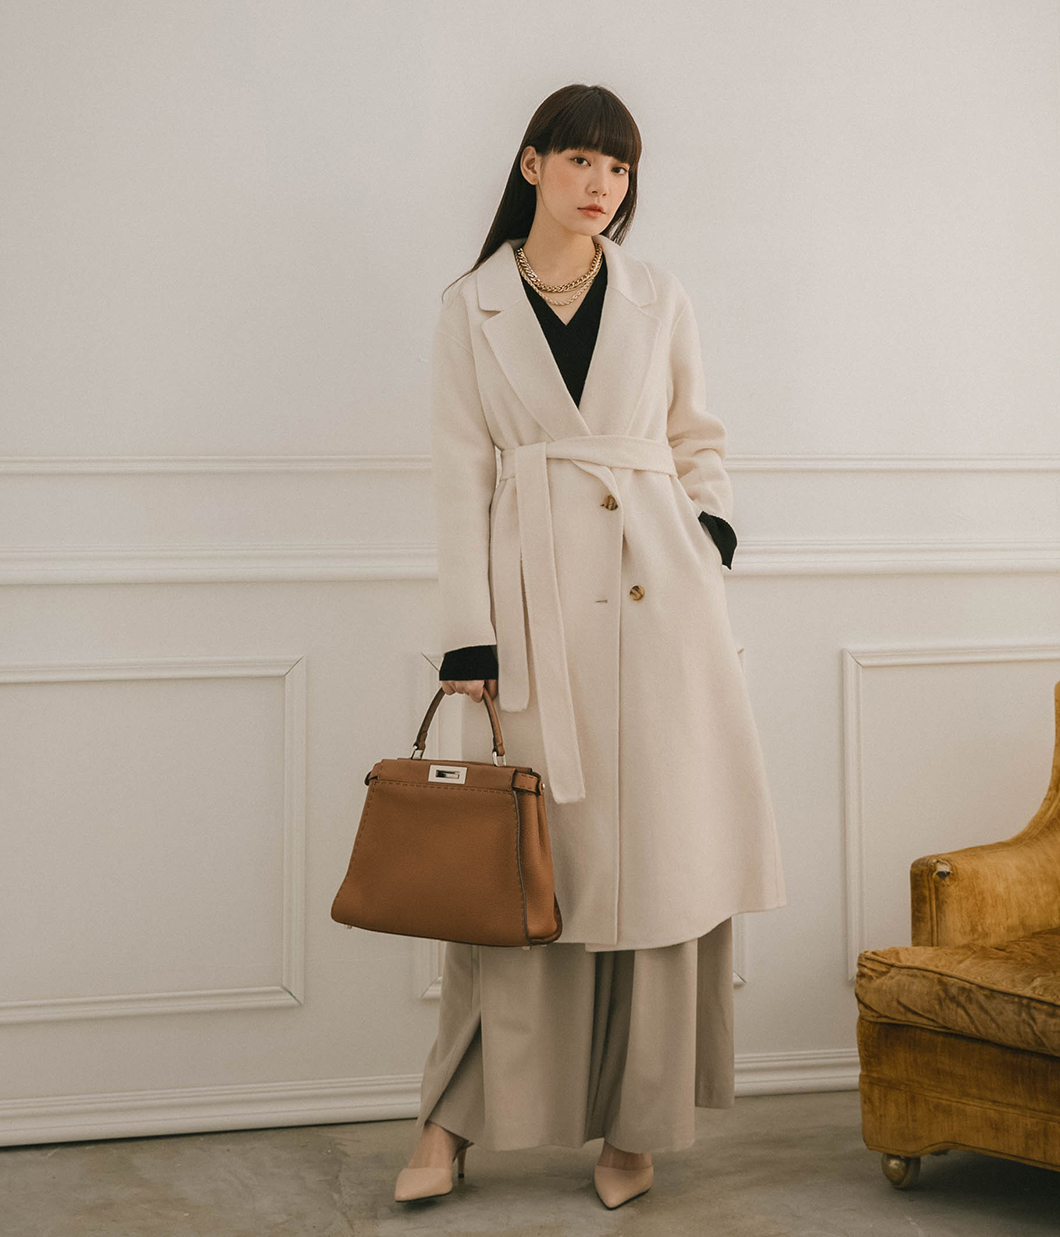 優雅側邊雙釦90%羊毛大衣(附綁帶) 試穿展示品